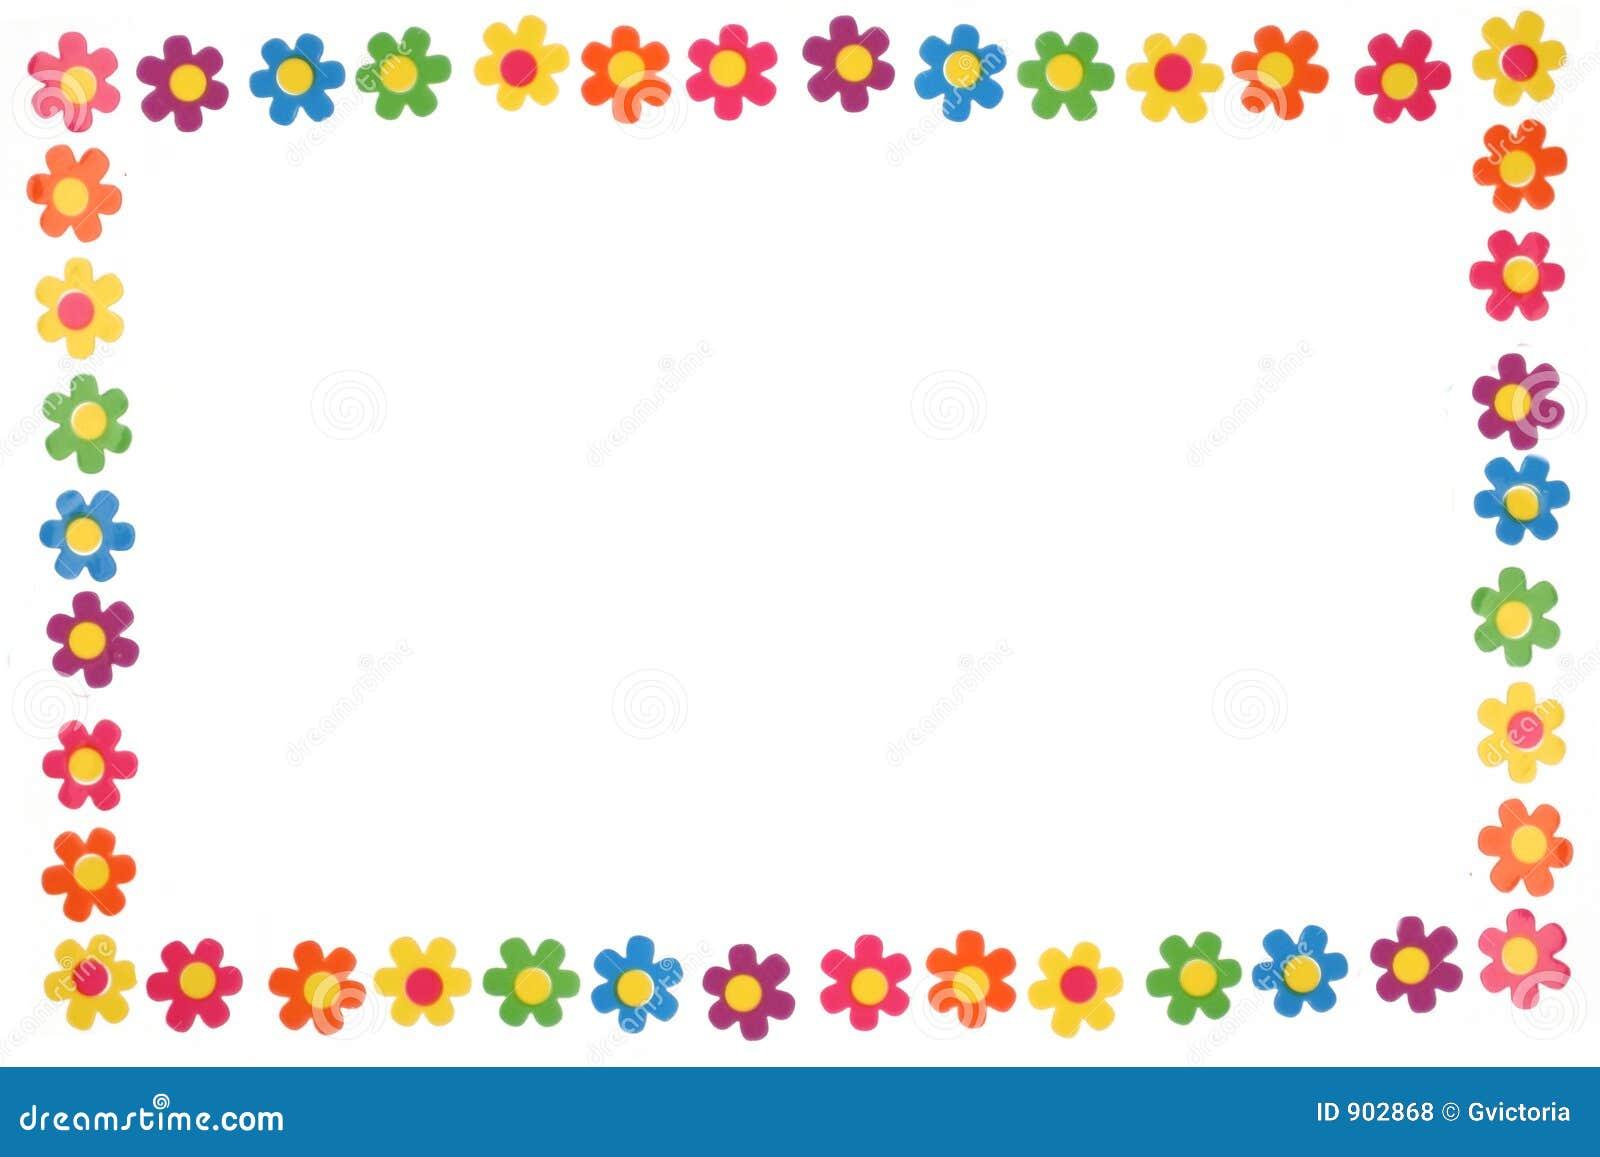 Bonito Flores De Los Marcos Galería - Ideas Personalizadas de Marco ...